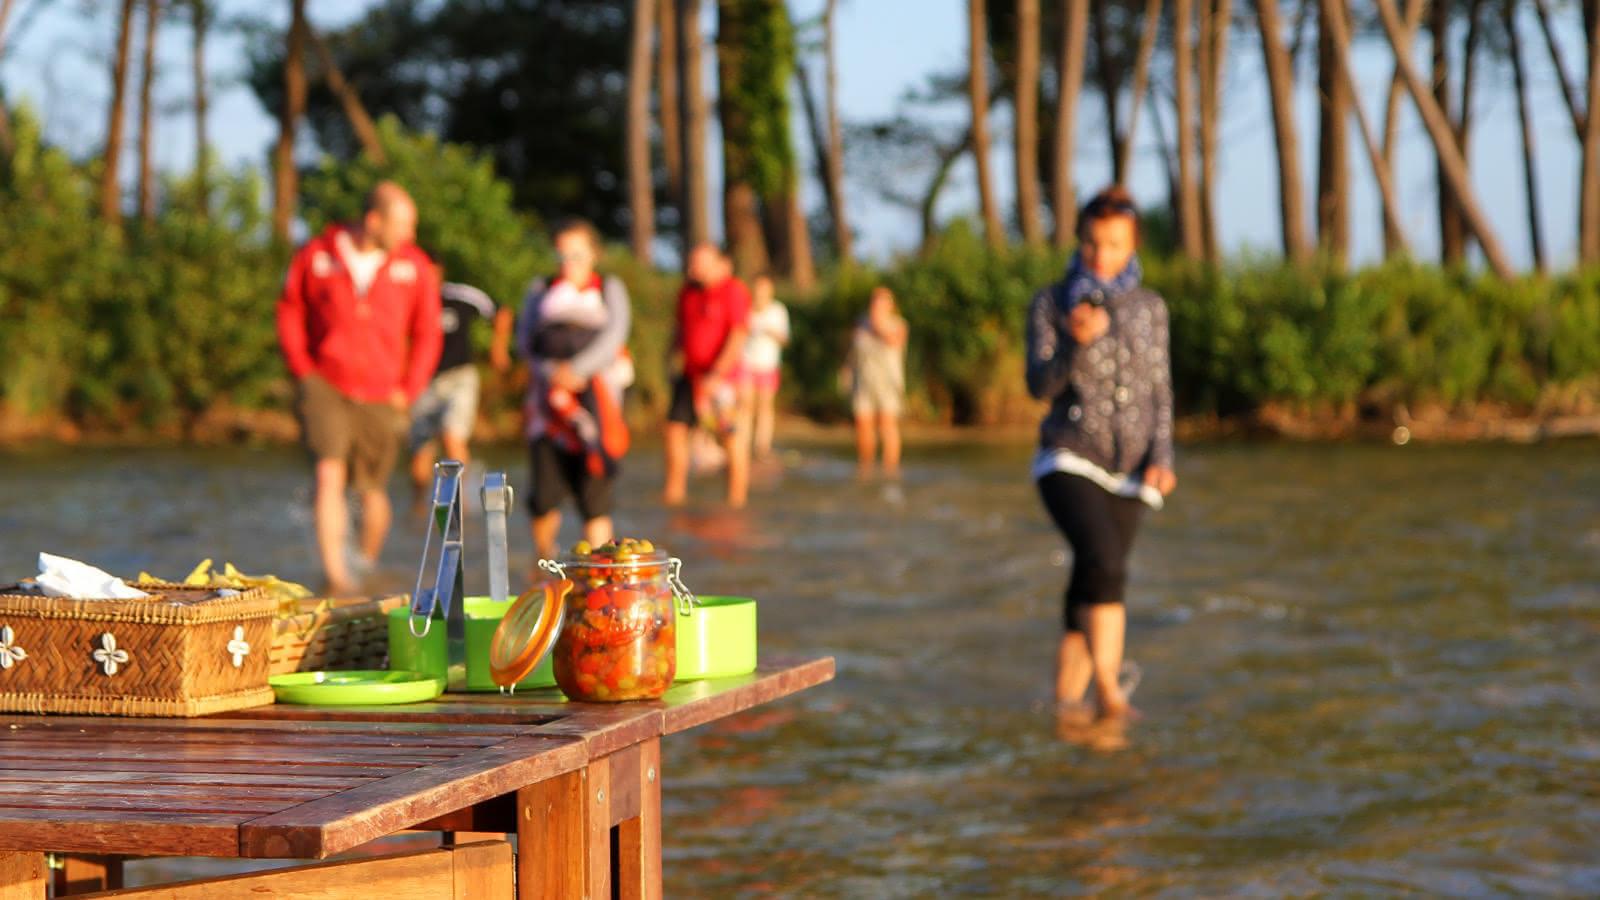 Profiter du lac à Lacanau - (C) Djé - 1moment 1 image